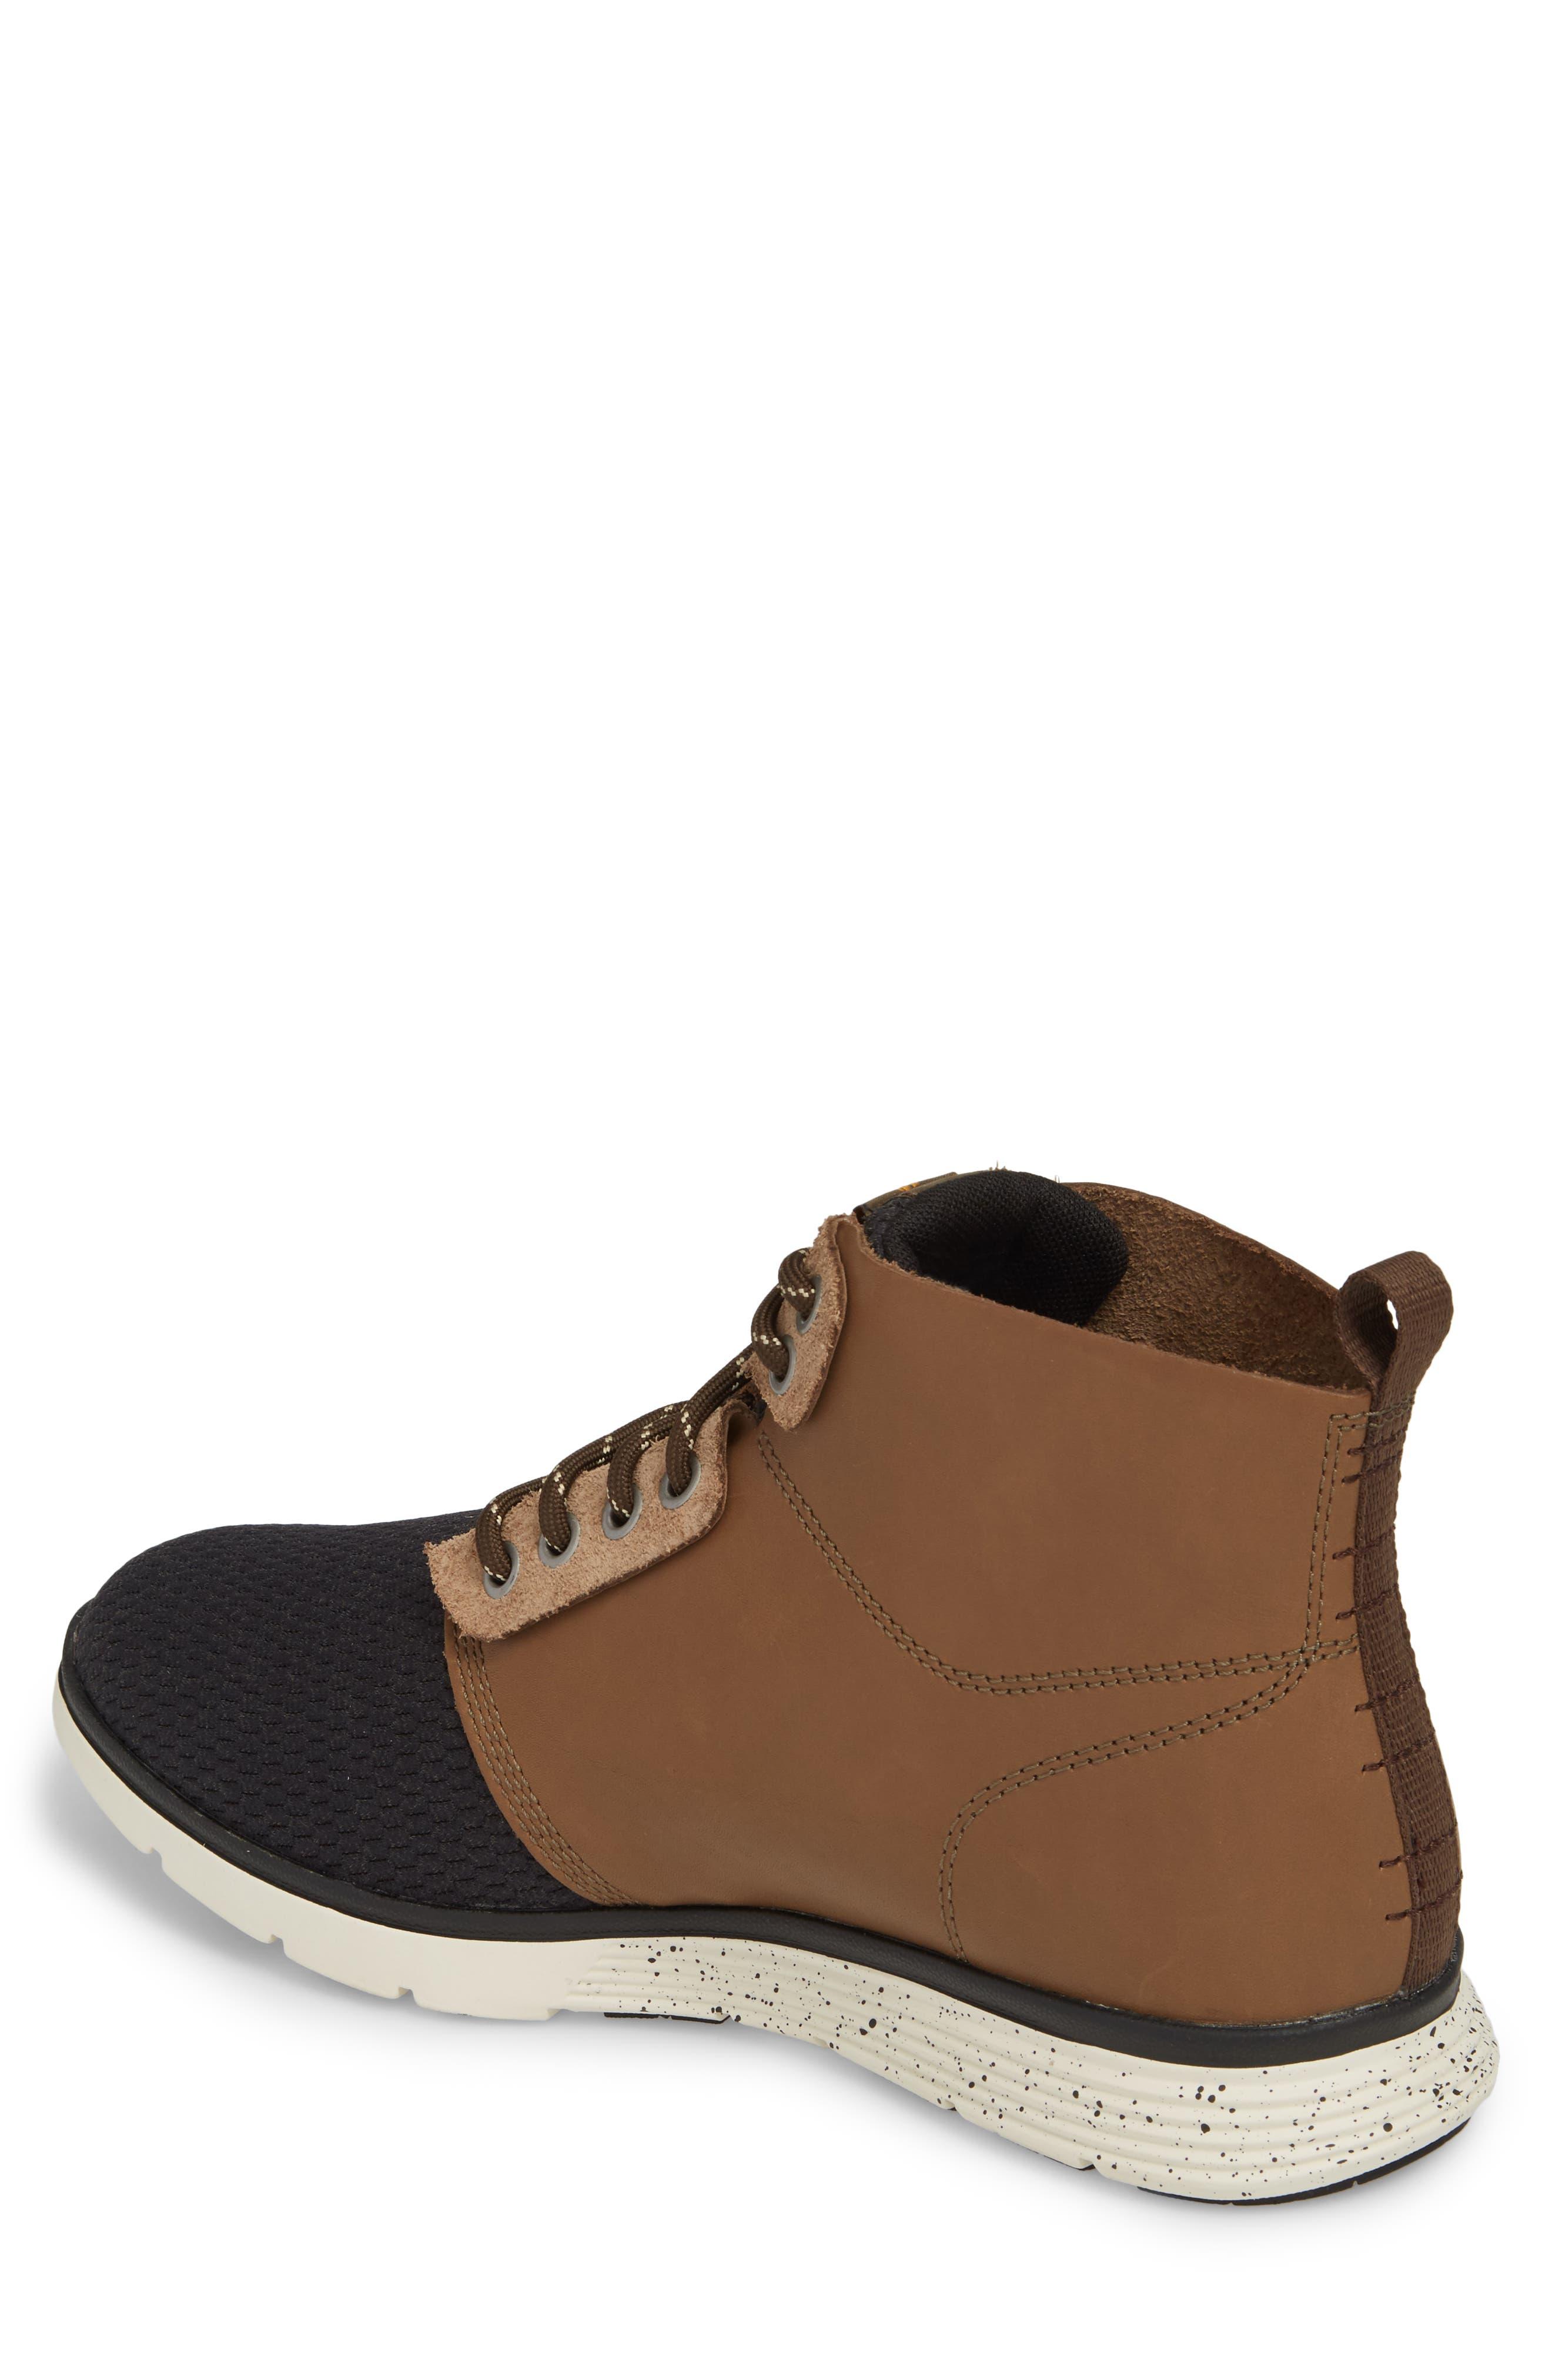 Killington Plain Toe Boot,                             Alternate thumbnail 2, color,                             Buckskin Leather